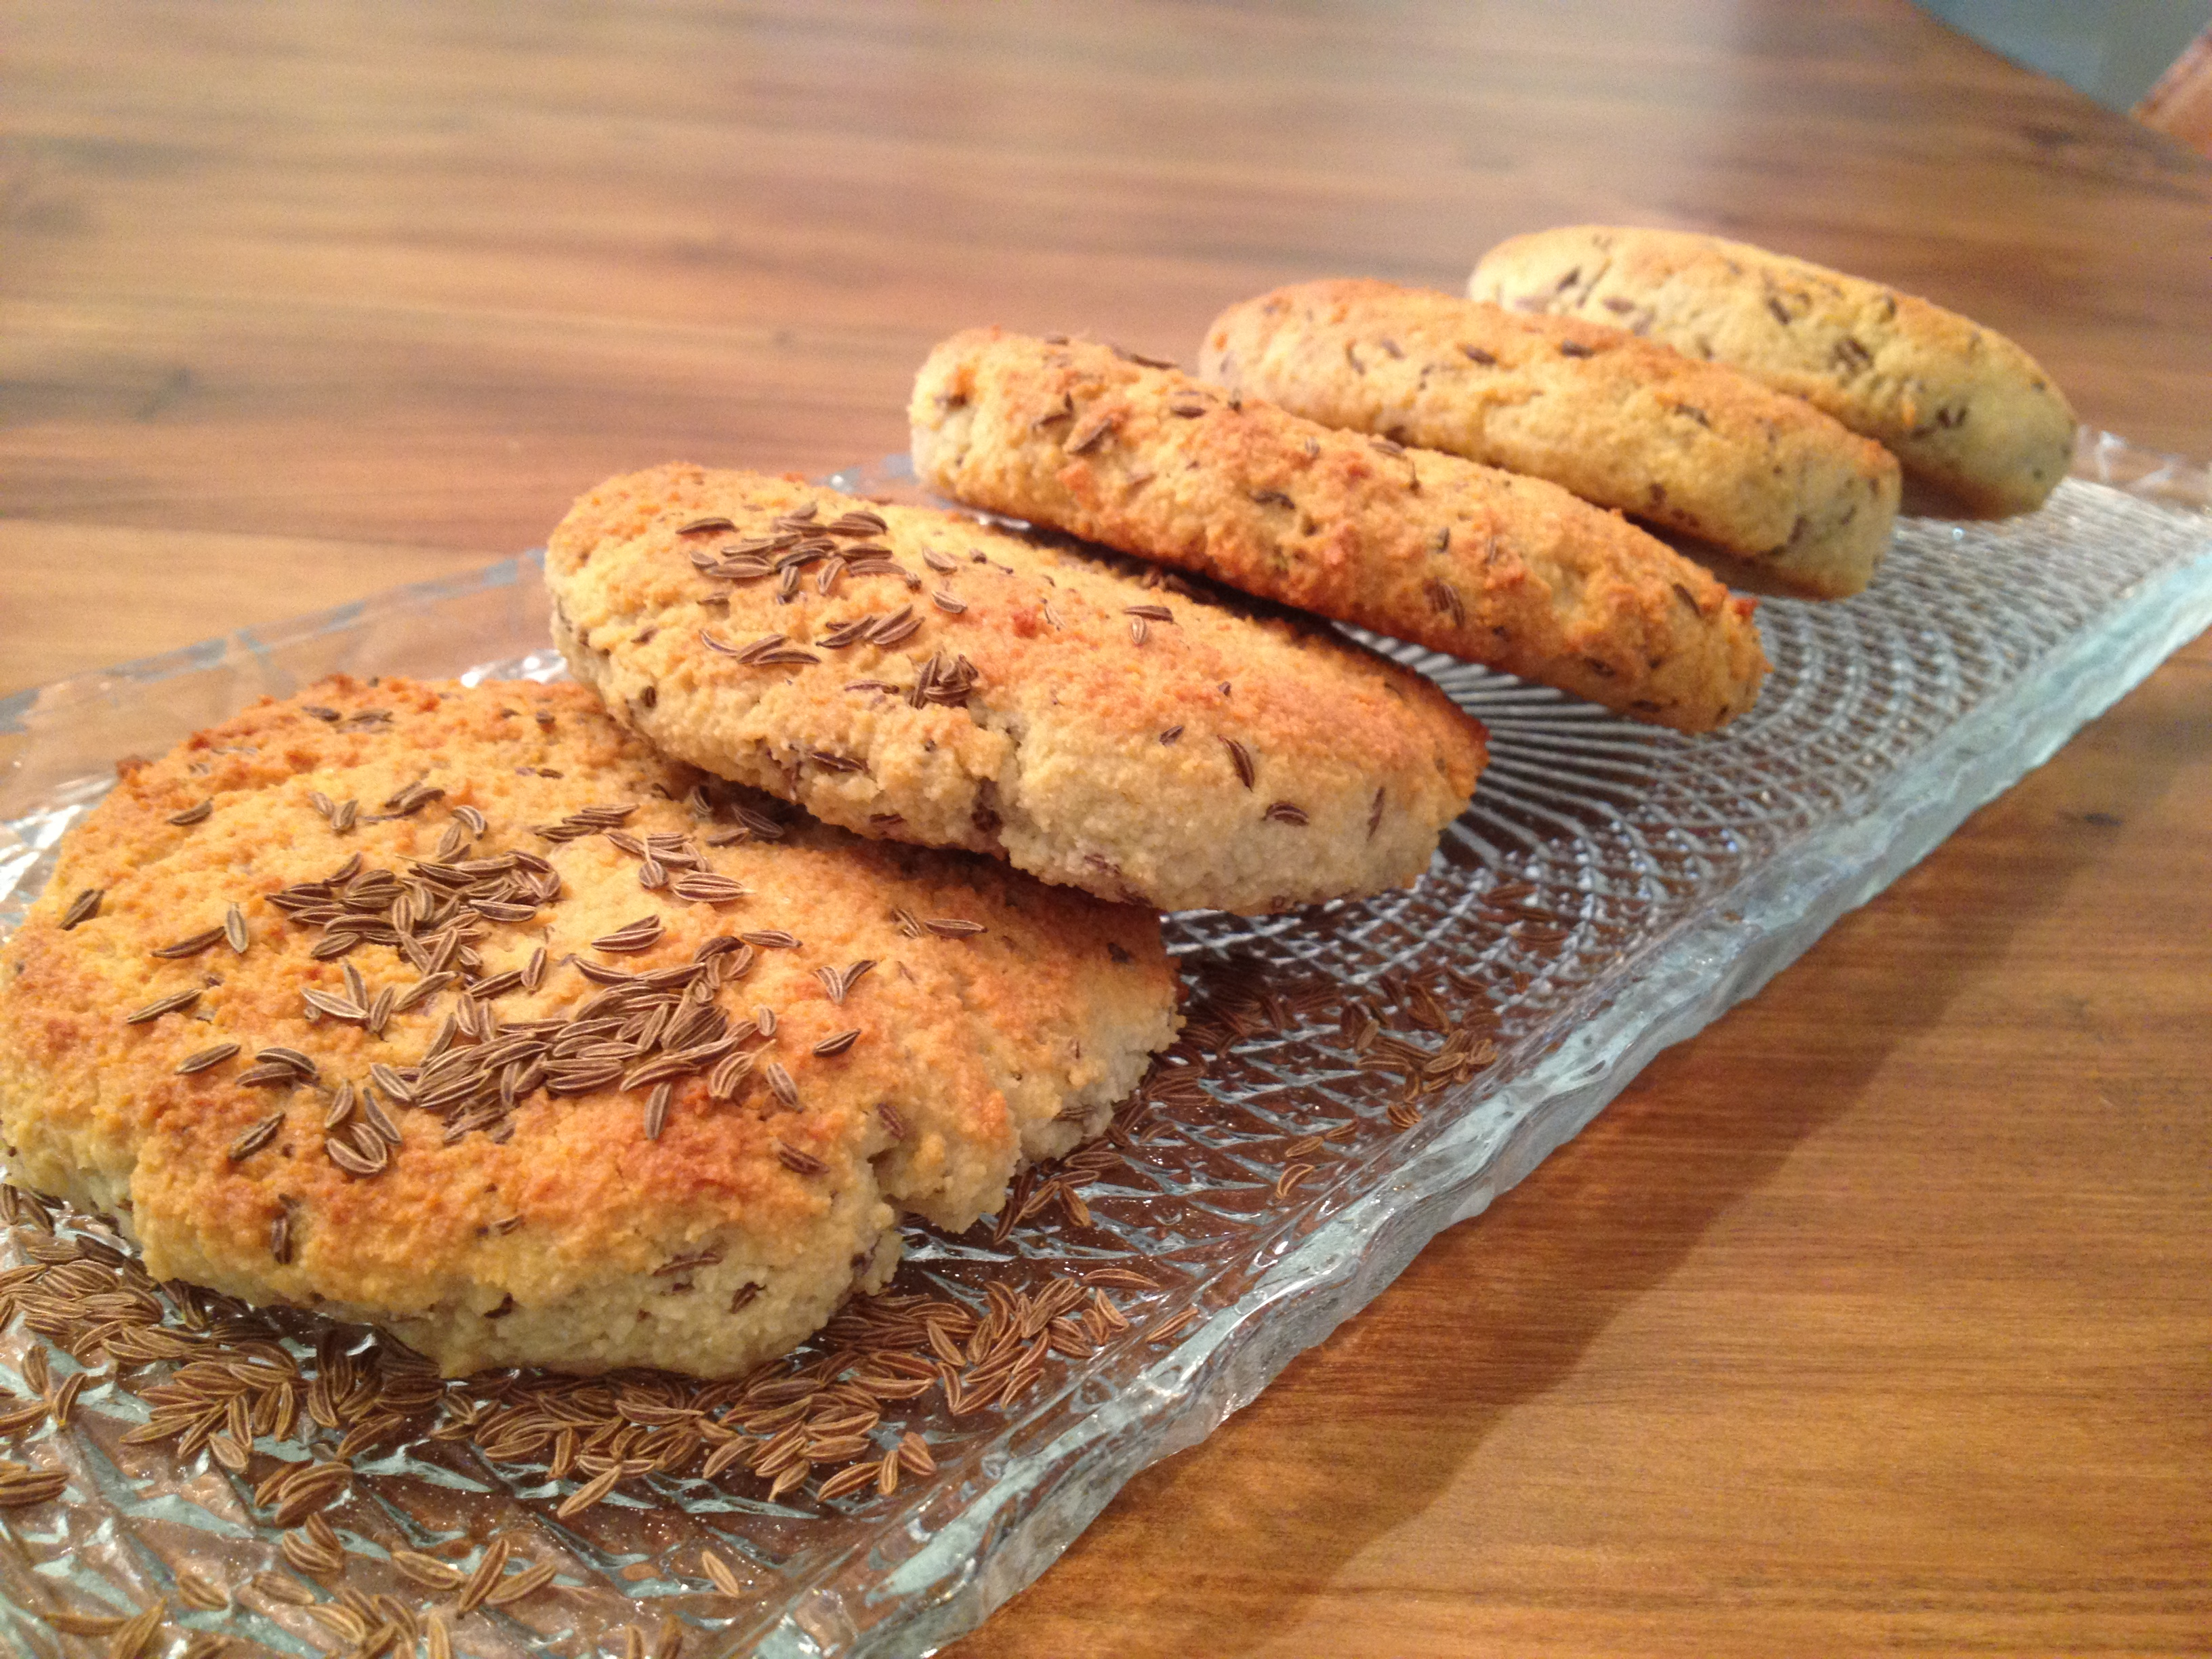 Paleo Caraway Biscuits